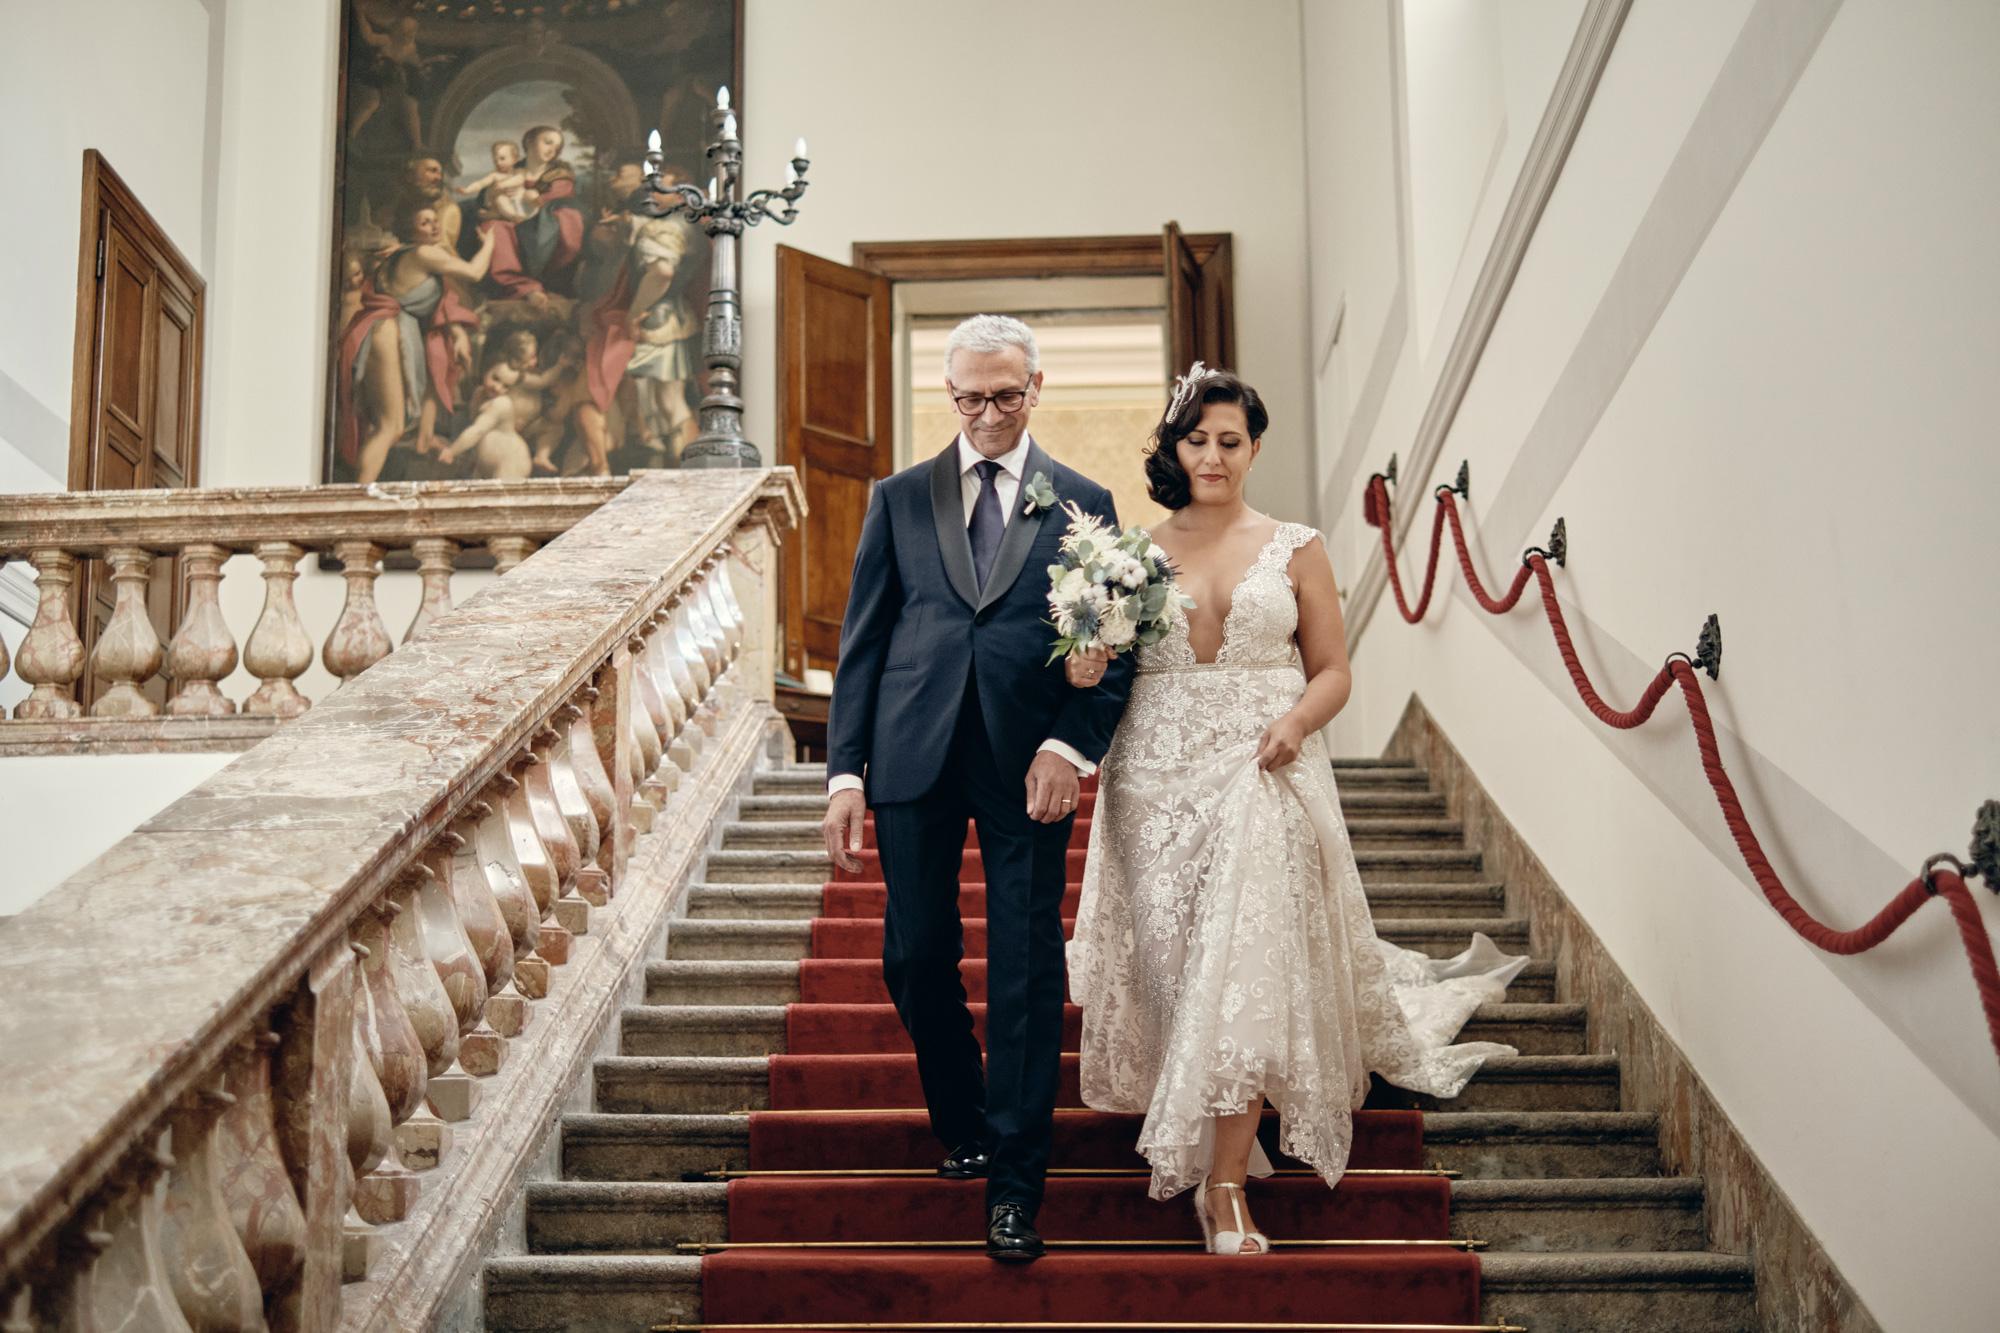 14-ivano_di_maria_fotografo_matrimonio_ fran_omar